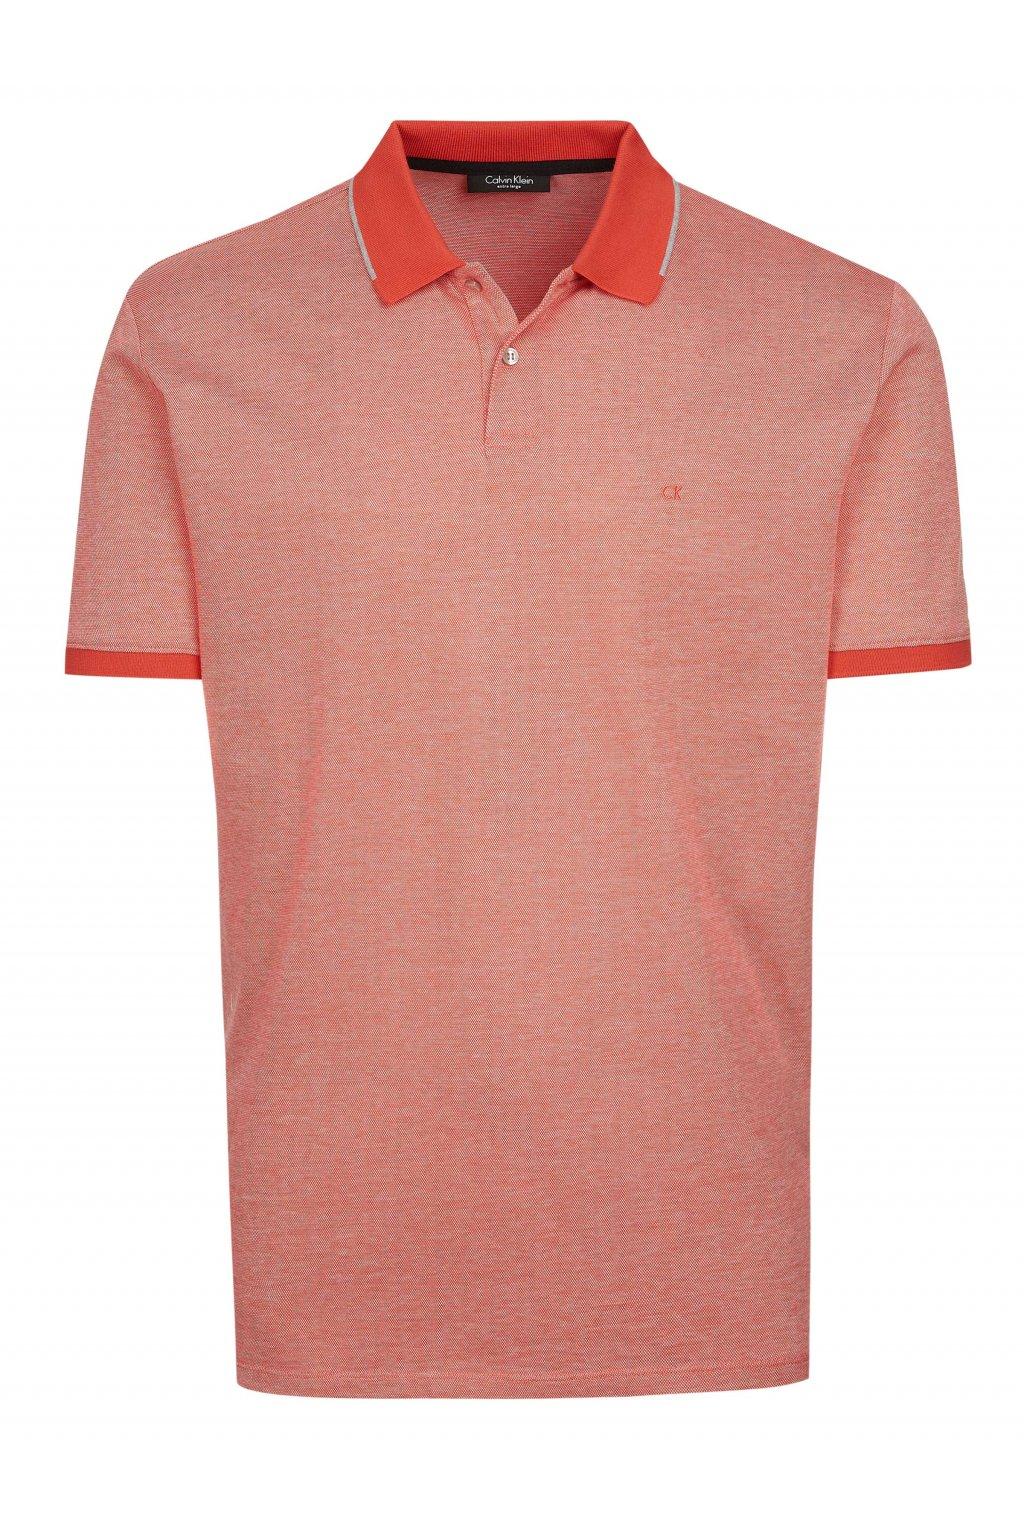 Pánské triko Calvin Klein  k10k100670660